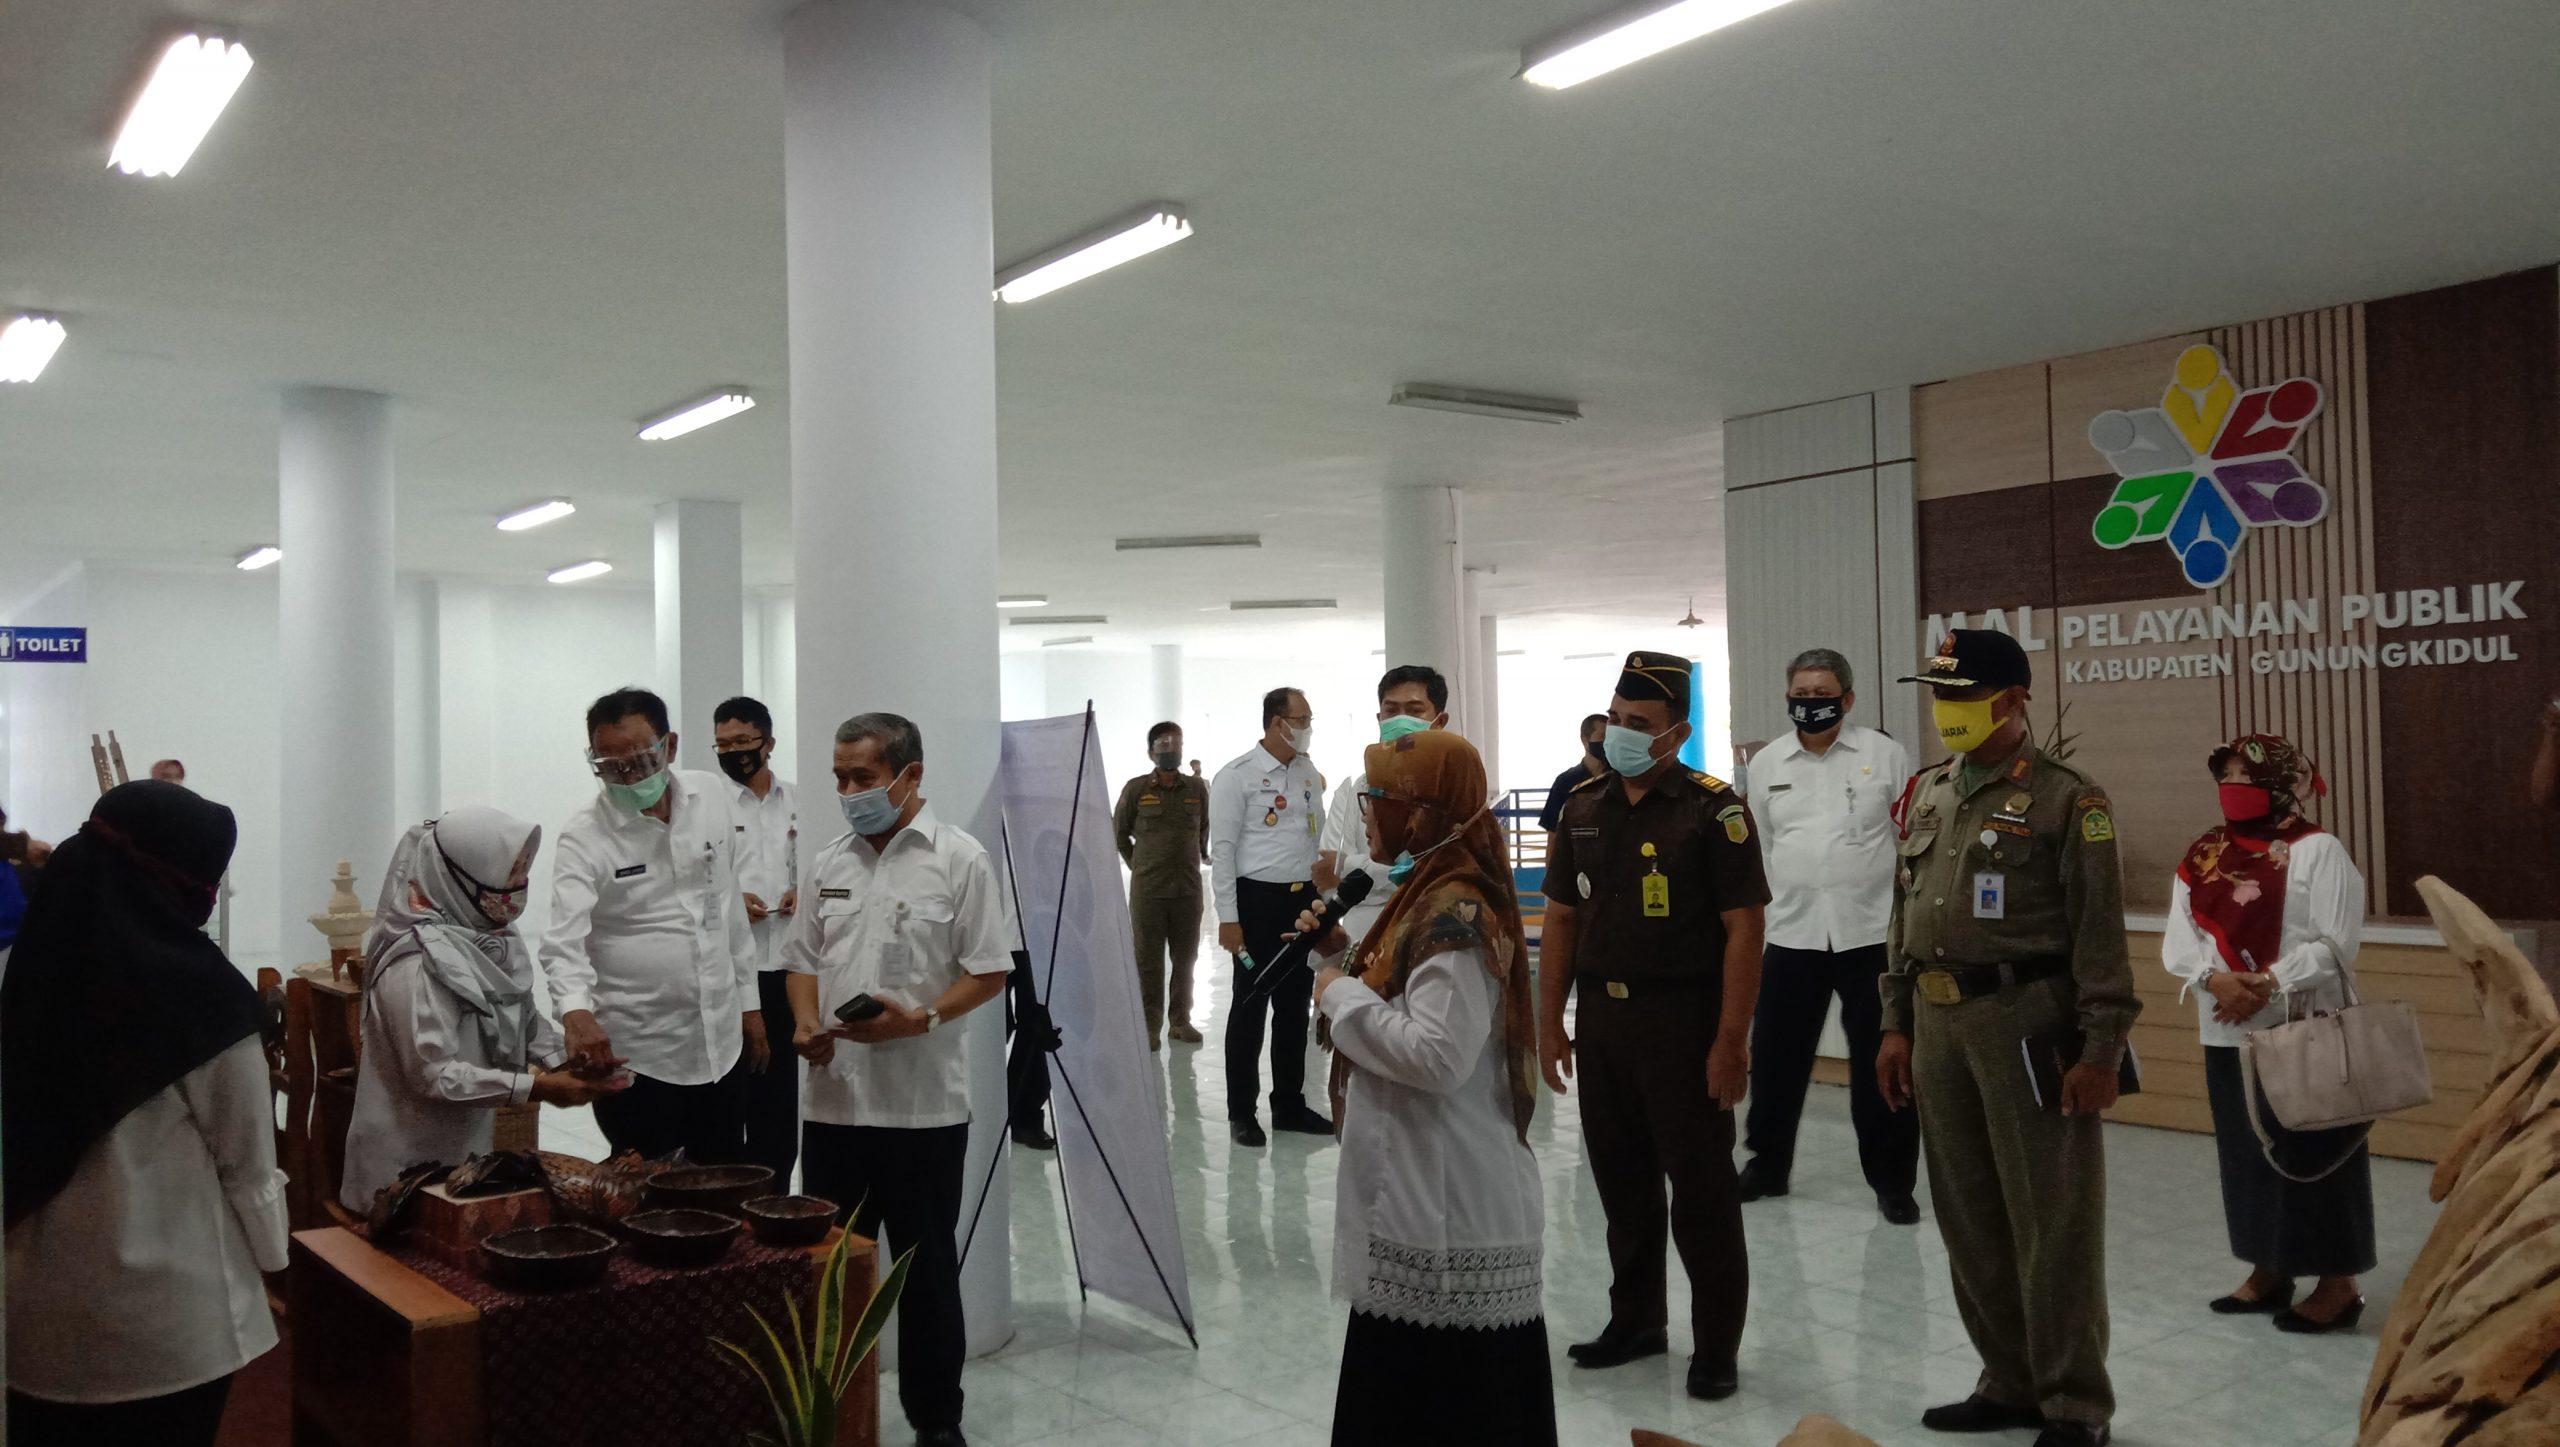 Mall Pelayanan Publik di Terminal Dhaksinarga Mulai Beroperasi 157